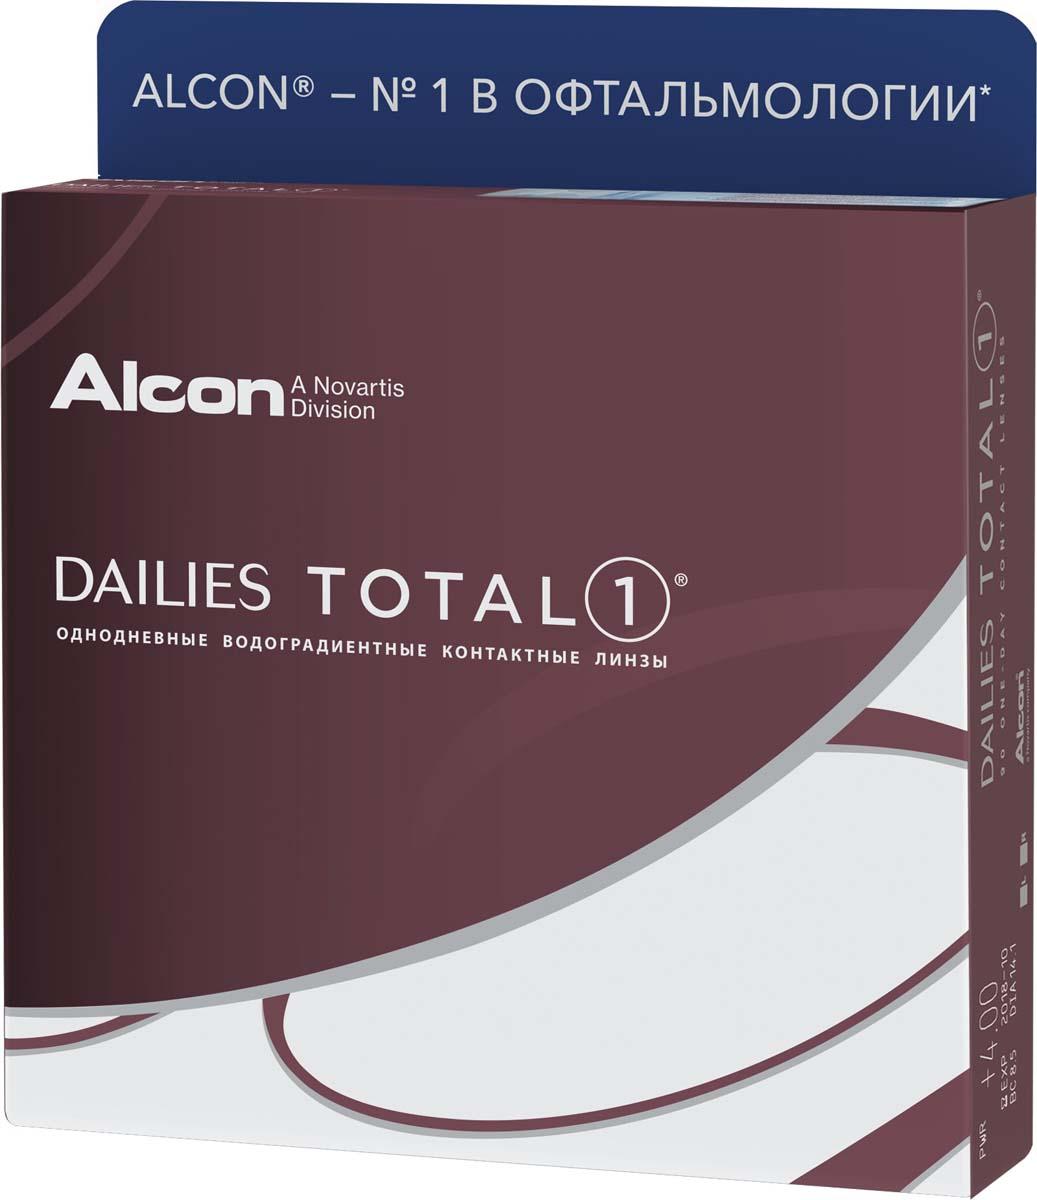 Аlcon Контактные линзы Dailies Total 90 шт /-1.50 /8.5 /14.1